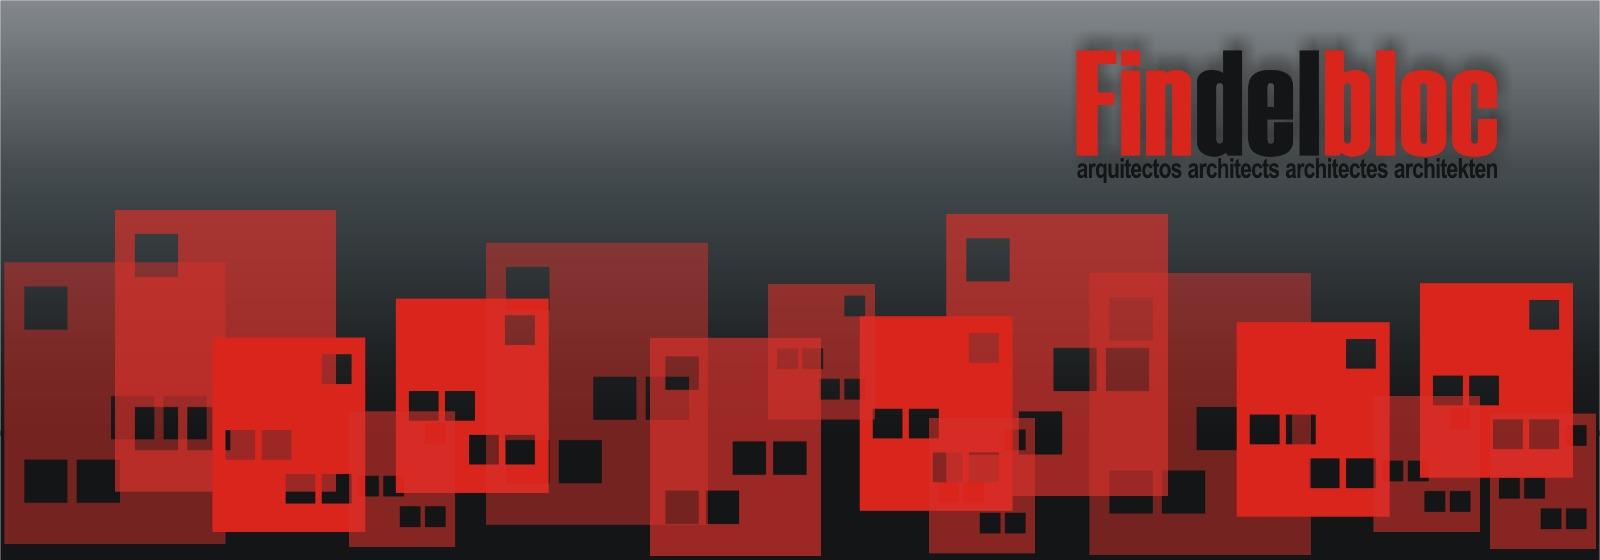 FinDelBloc Arquitectos Cover Image